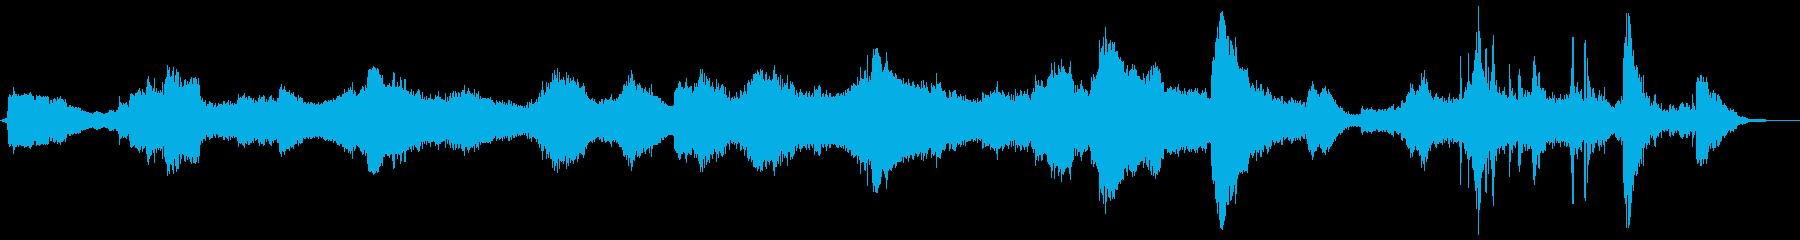 ホラーシーン向けのノイズアンビエントの再生済みの波形